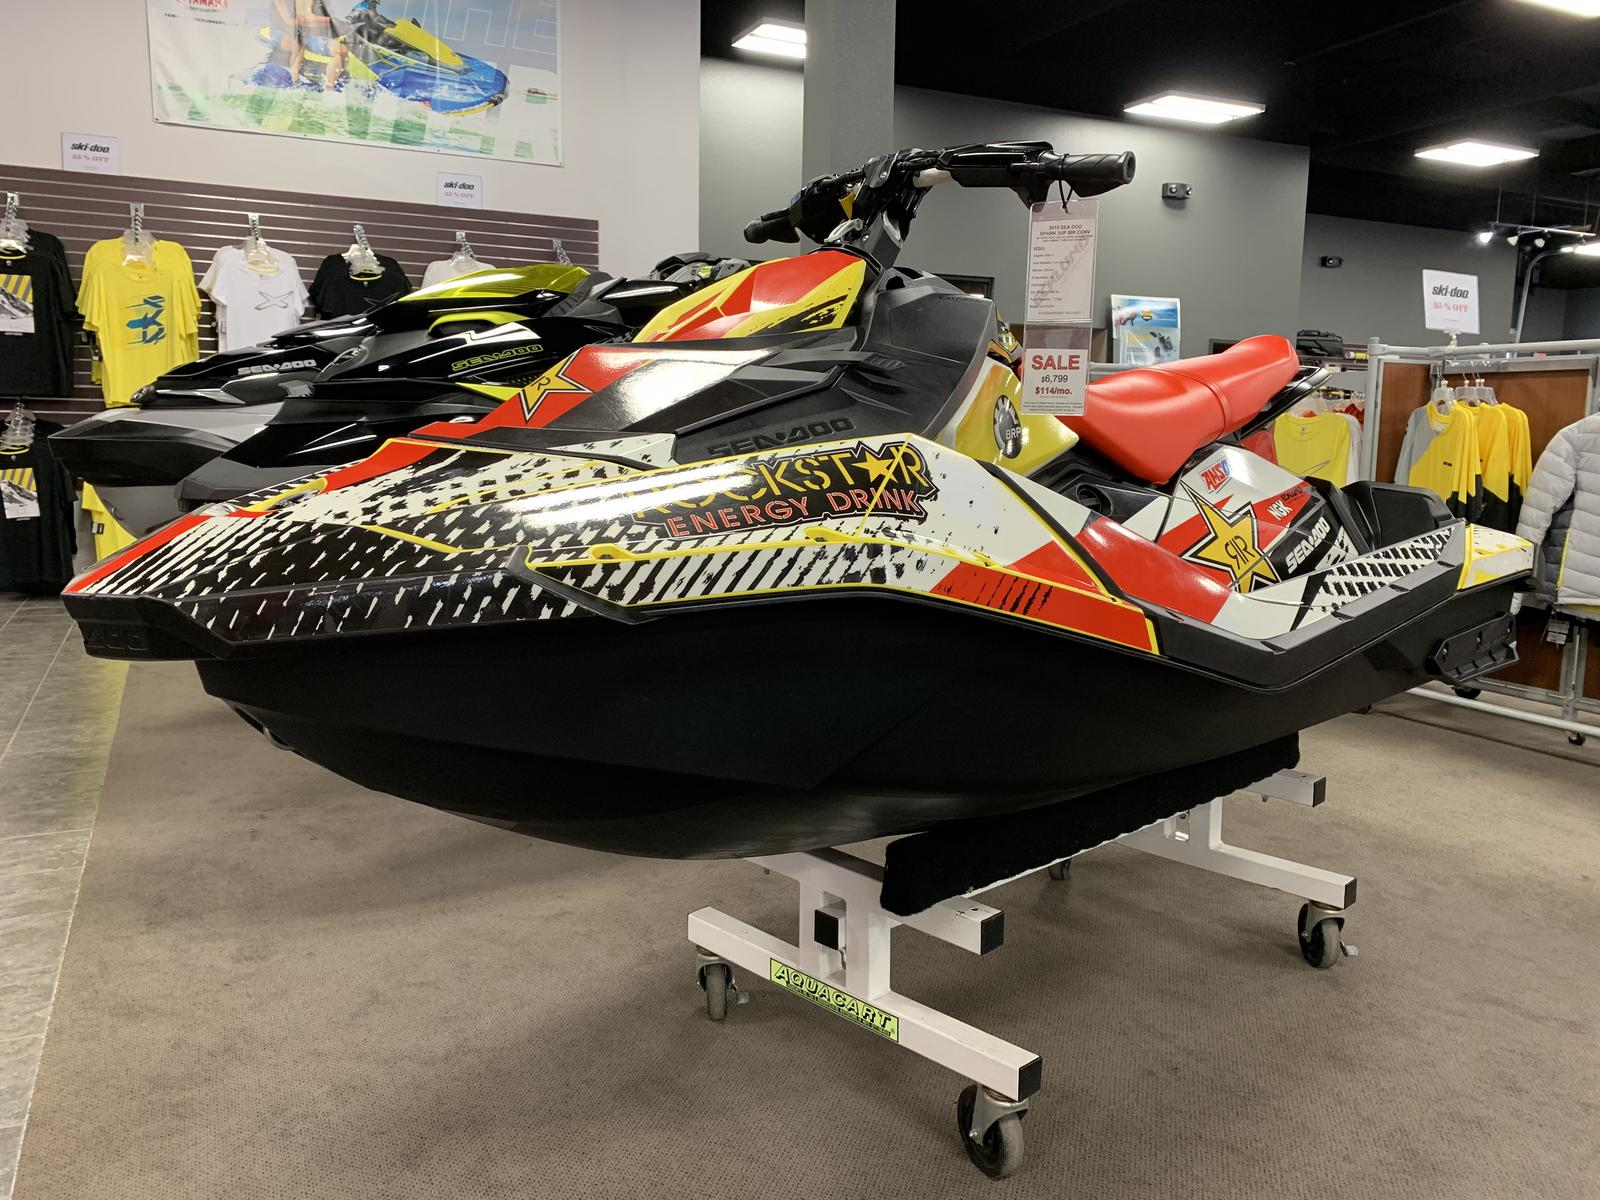 Inventory Ecklund Motorsports Appleton, WI (920) 734-7134